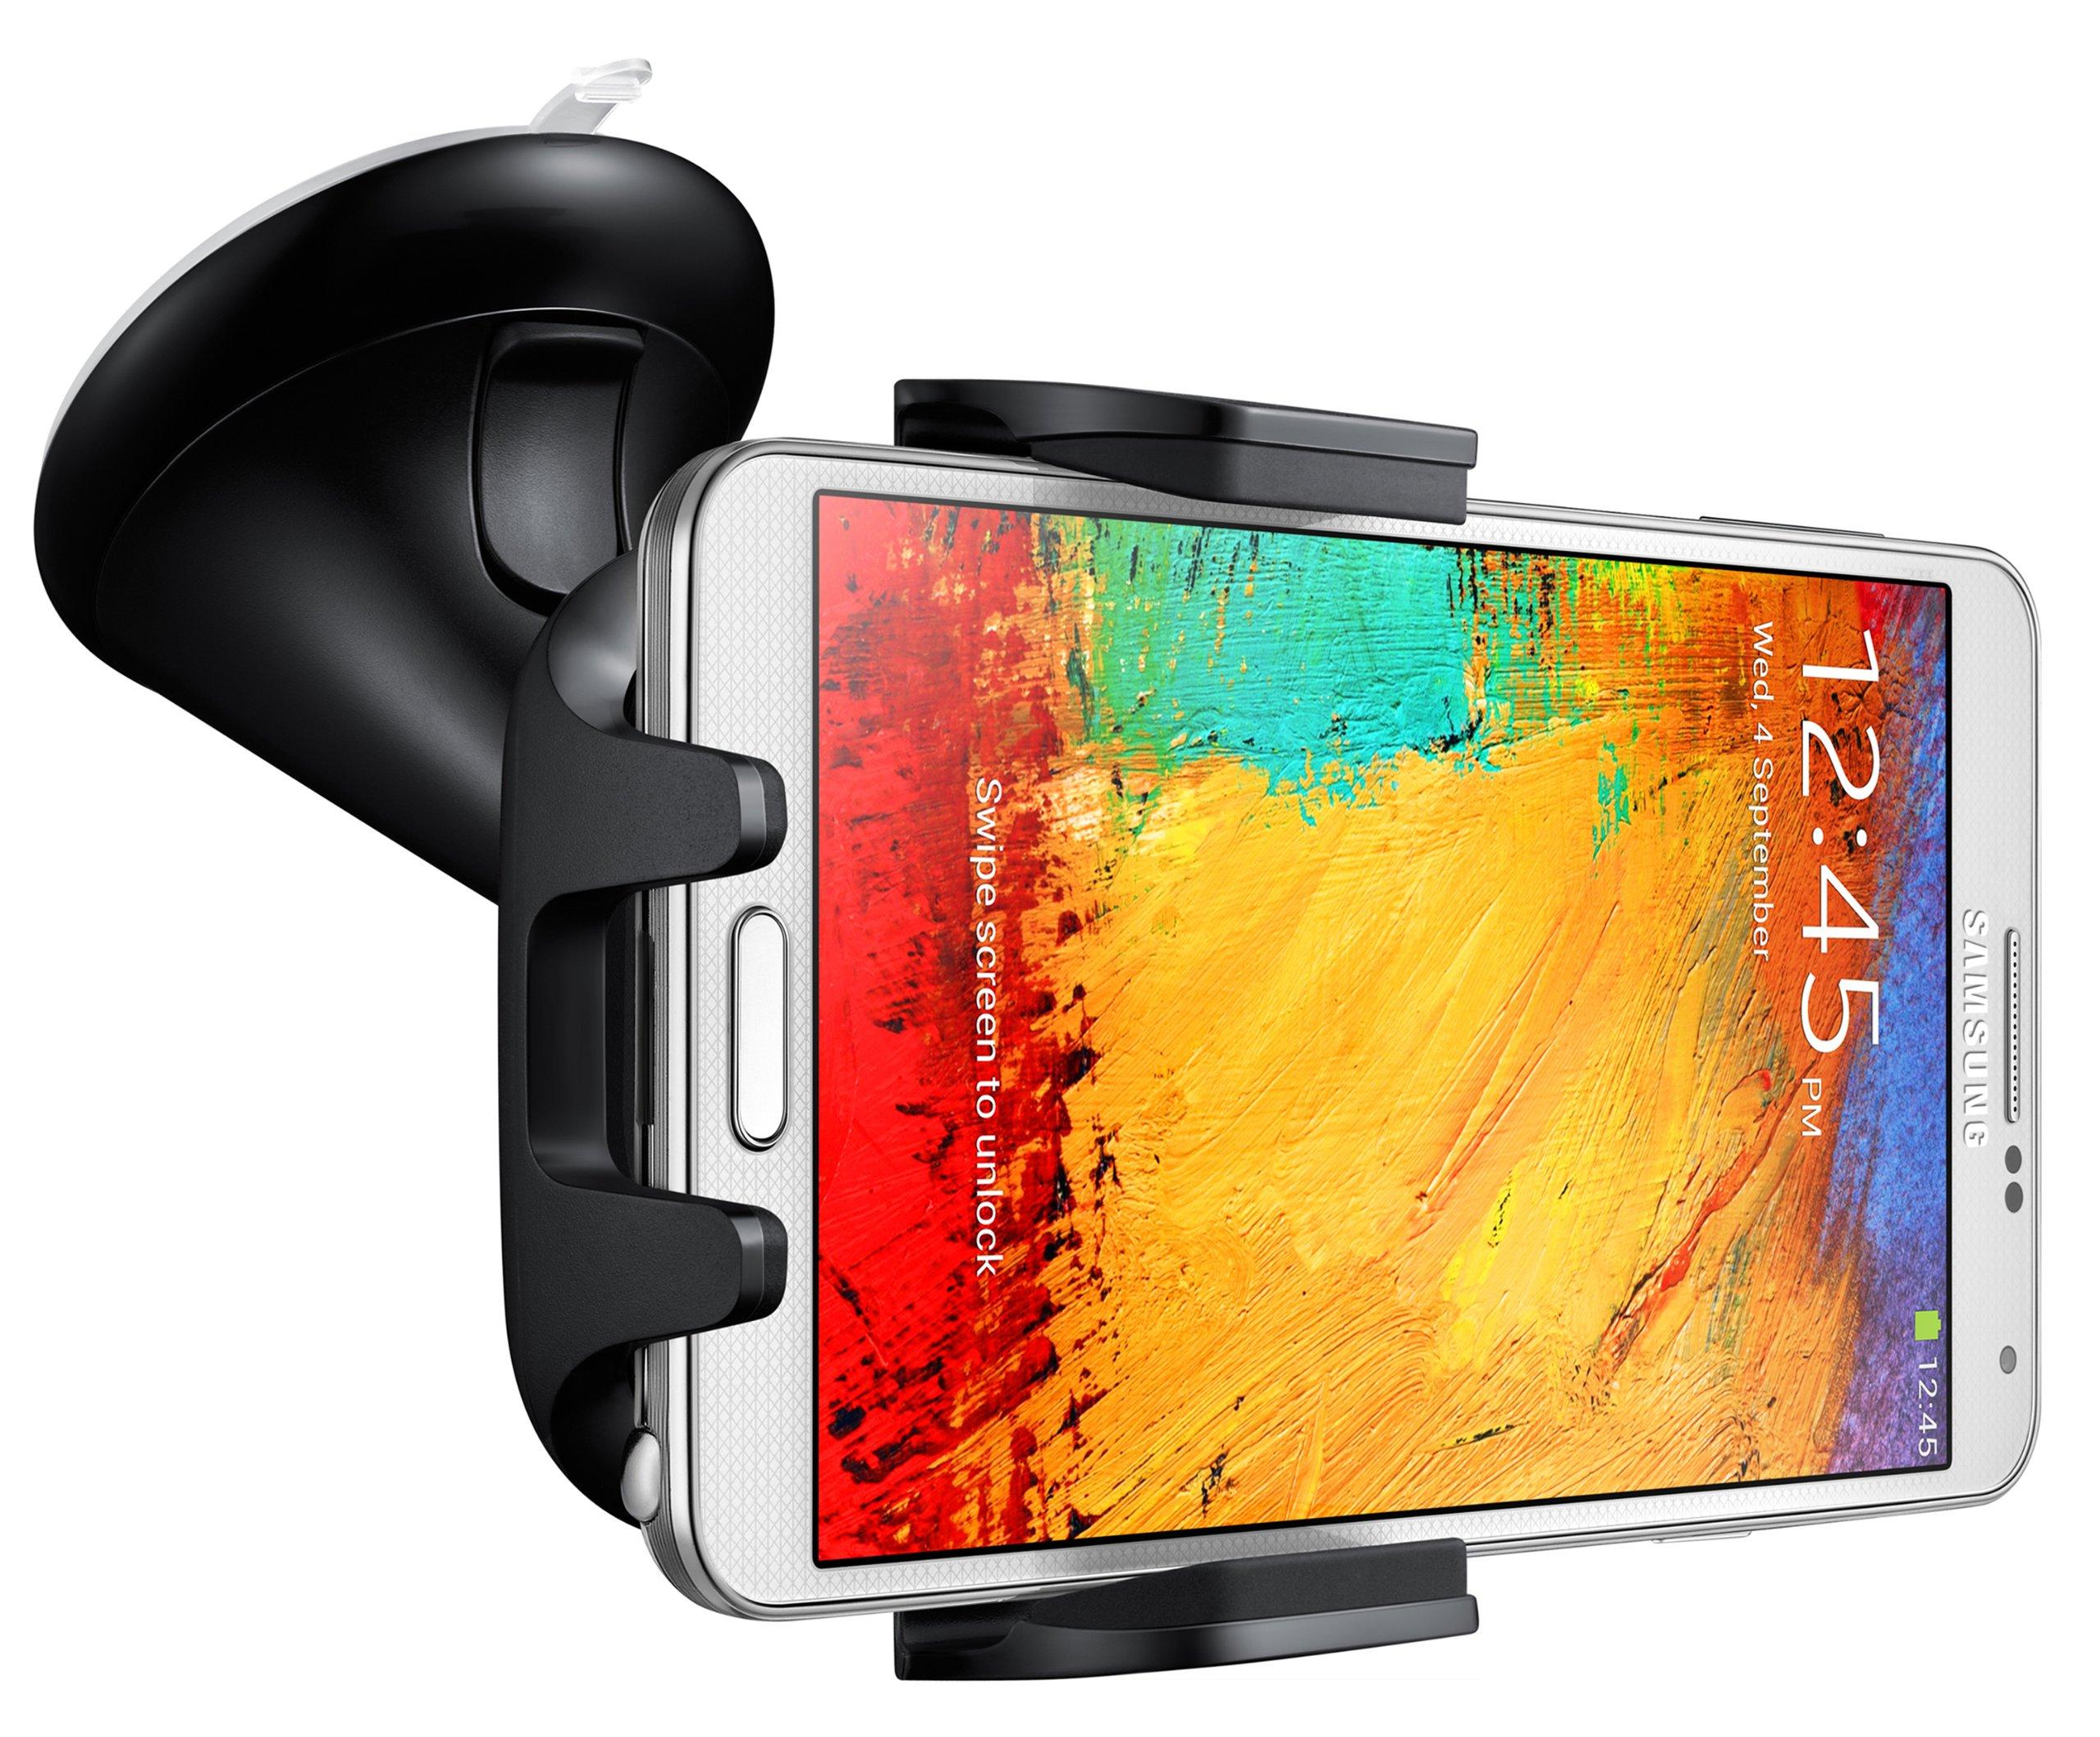 Samsung-Wireless-Induktives-KFZ-Ladegert-und-Halterung-fr-Auto